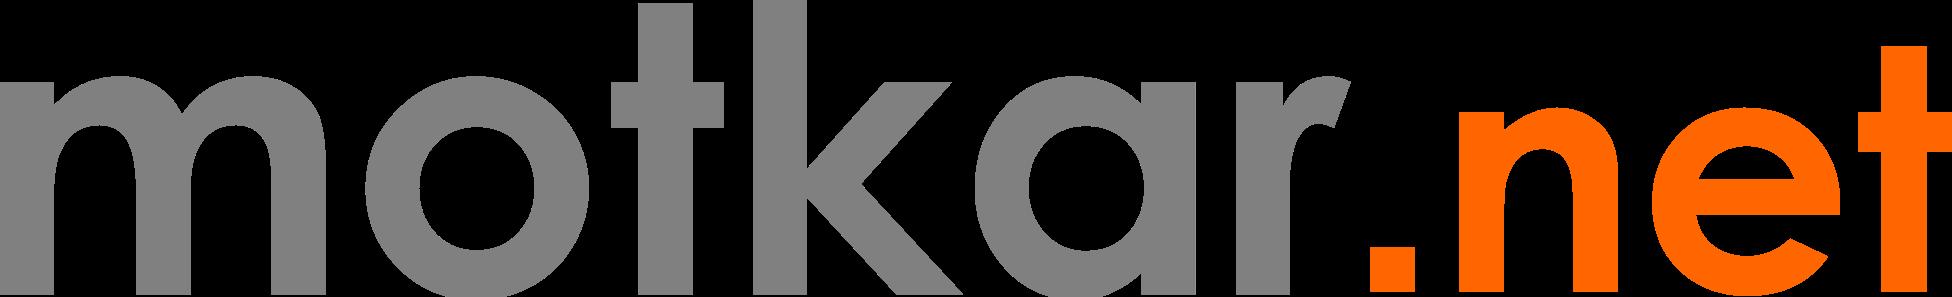 motkar.net